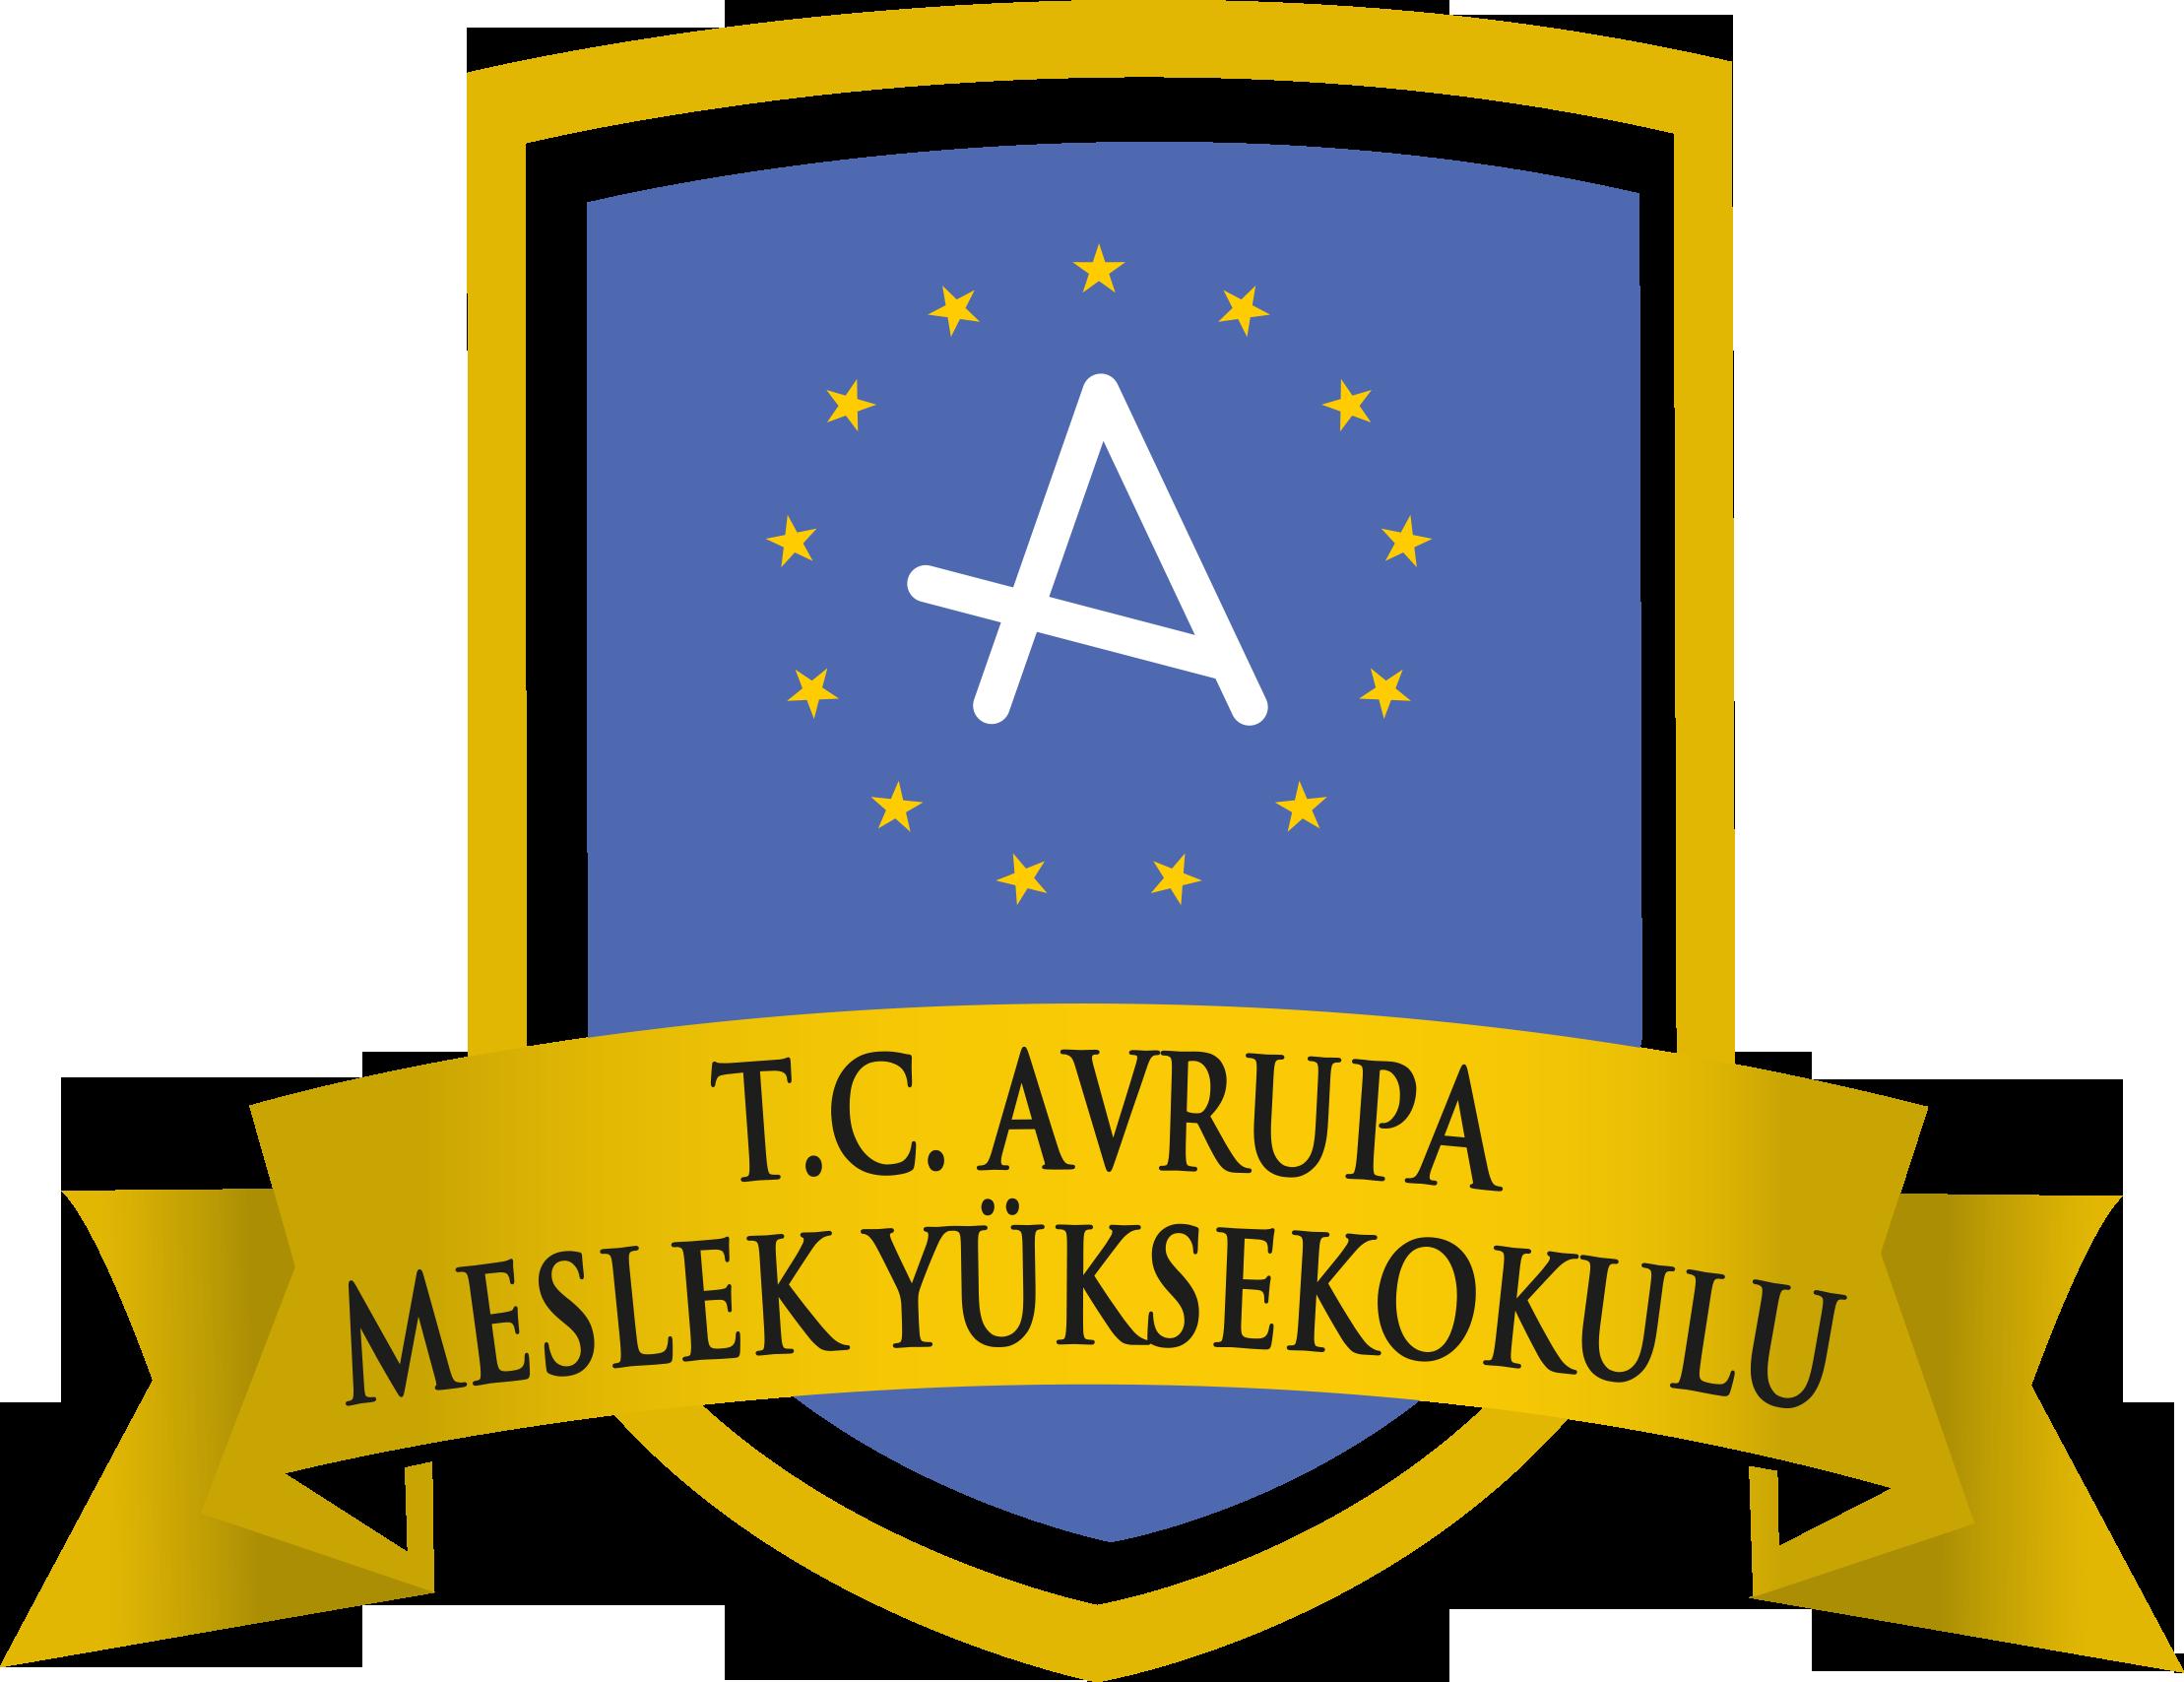 Avrupa Meslek Yüksekokulu İlk ve Acil Yardım